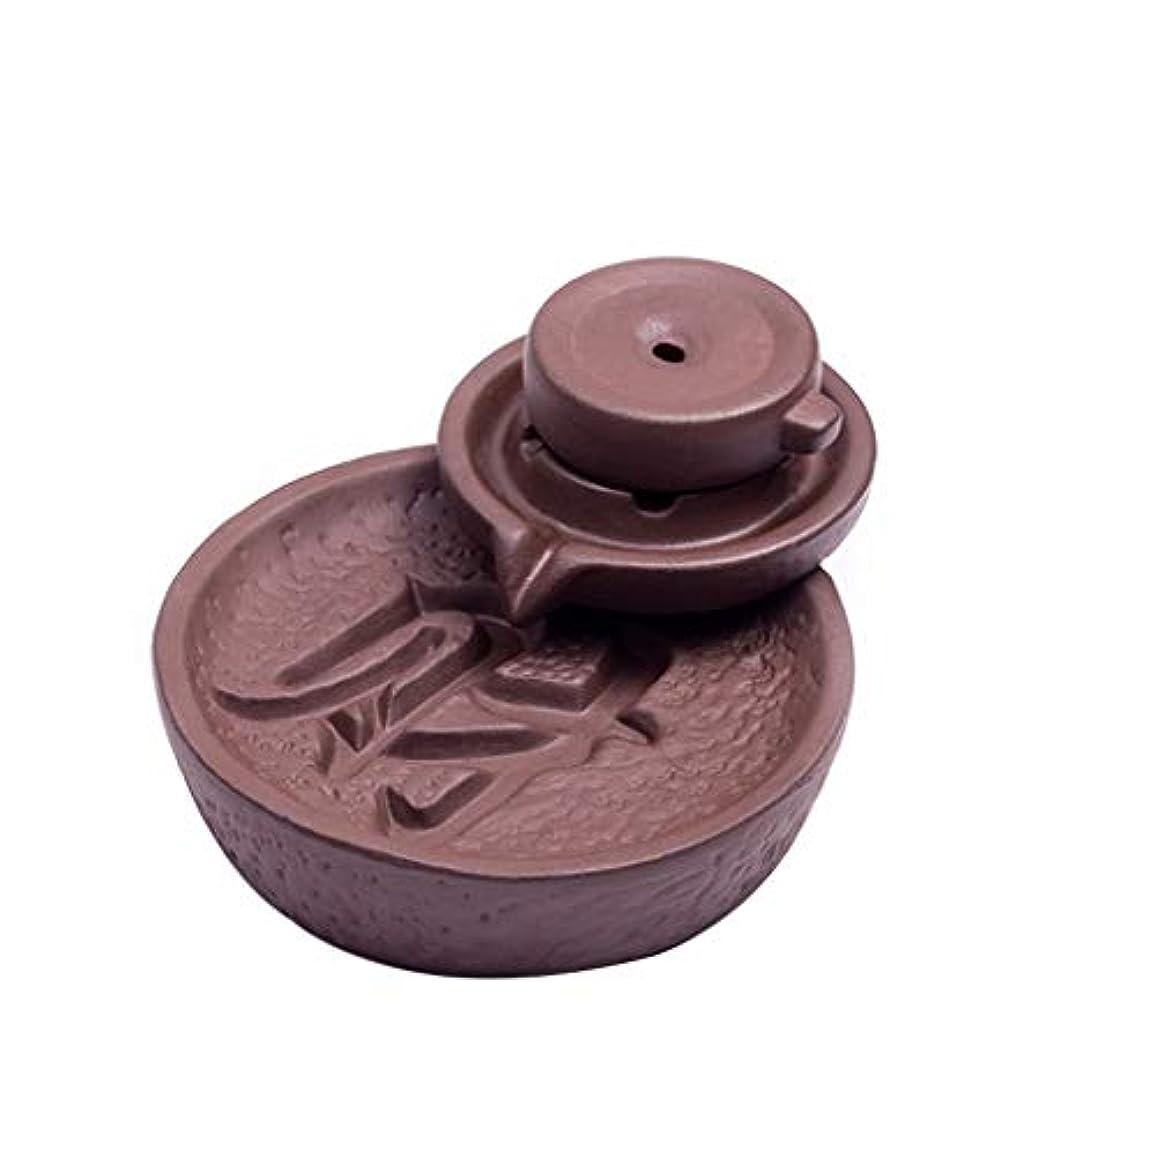 芳香器?アロマバーナー 逆流香バーナー家庭用香屋内香サンダルウッド香バーナー装飾セラミック炉 アロマバーナー